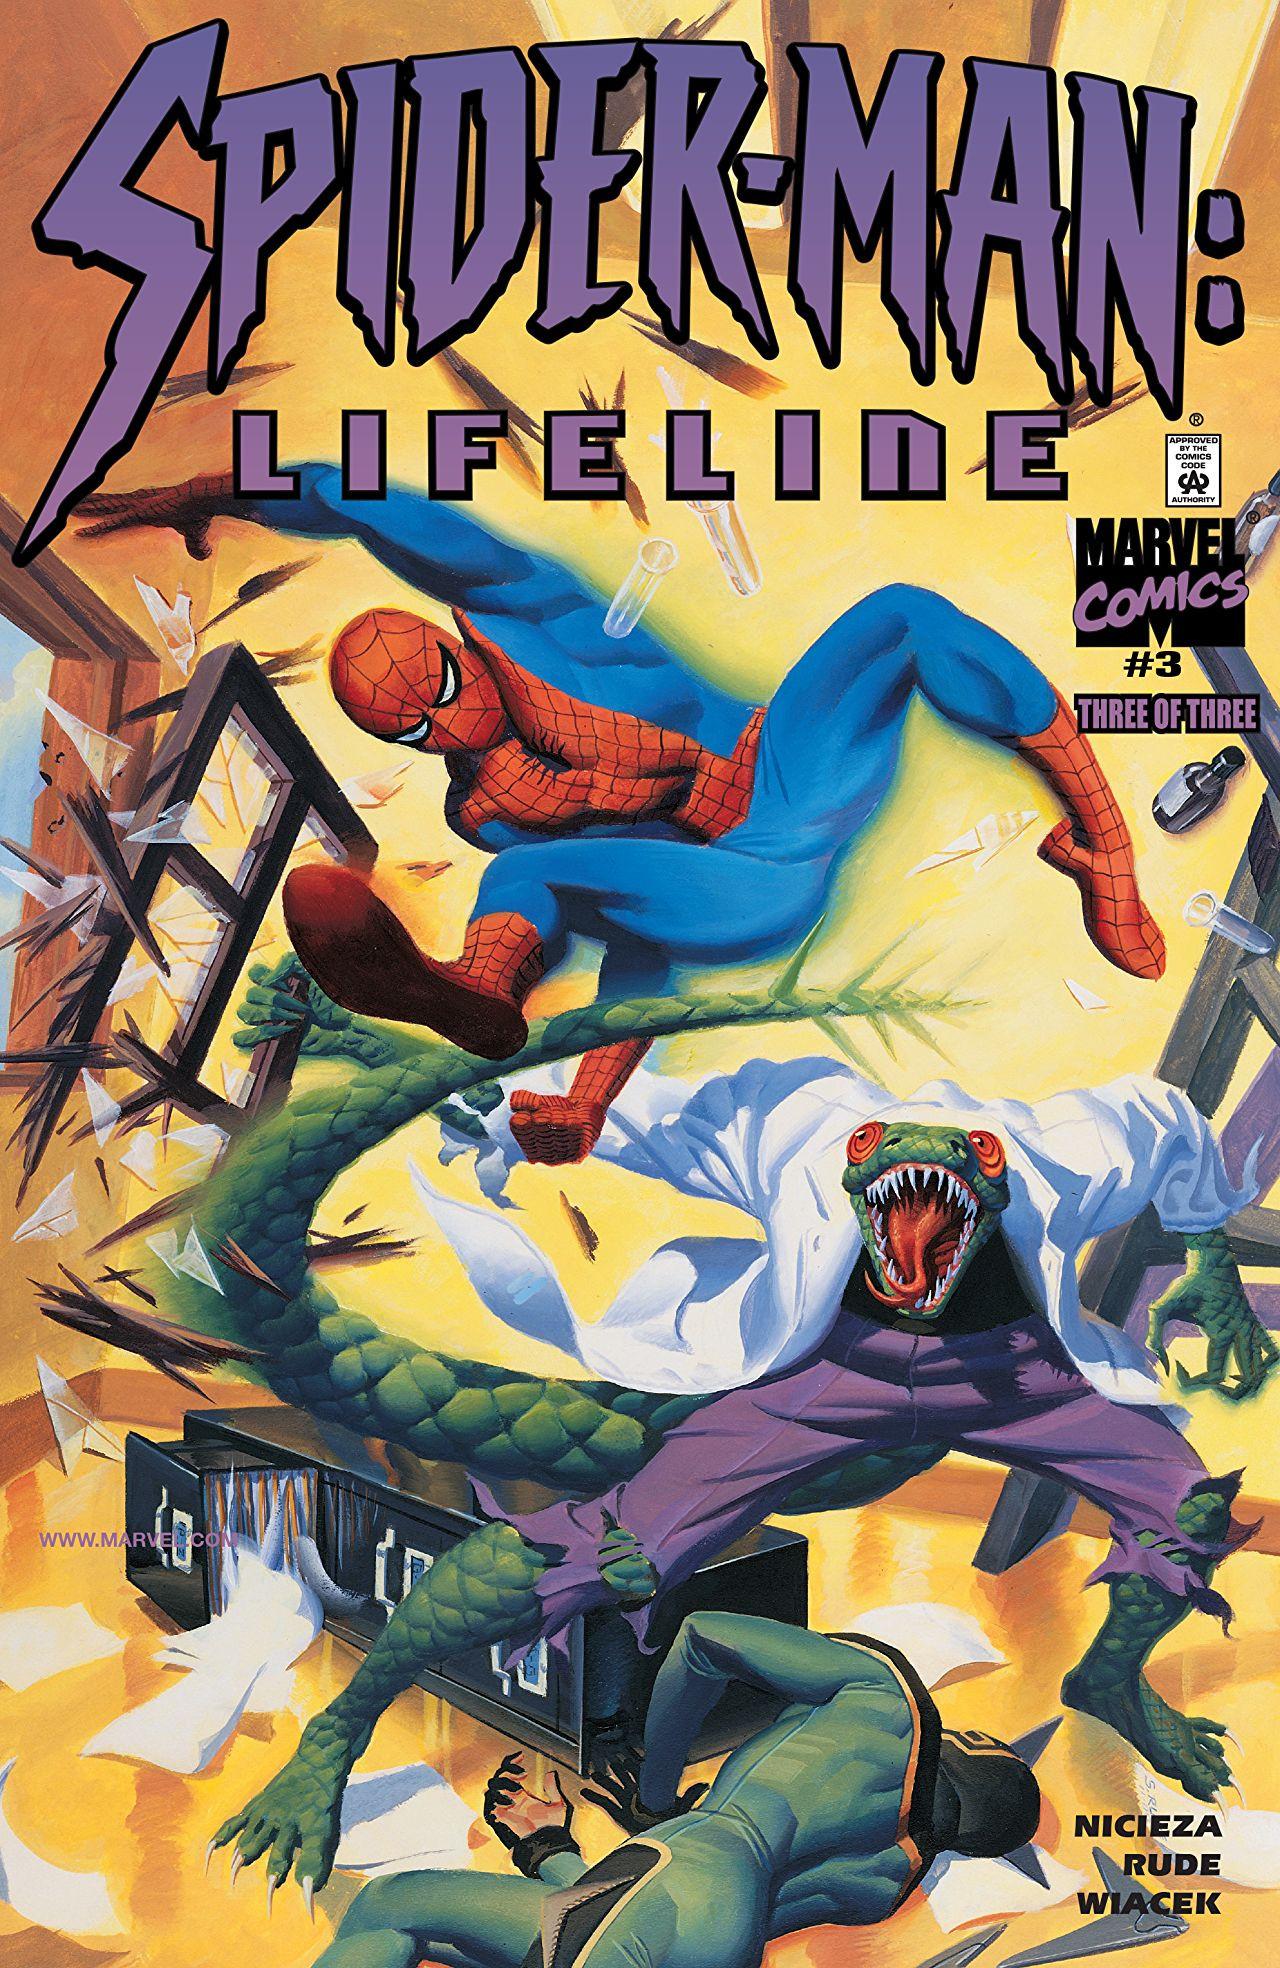 Spider-Man: Lifeline Vol 1 3